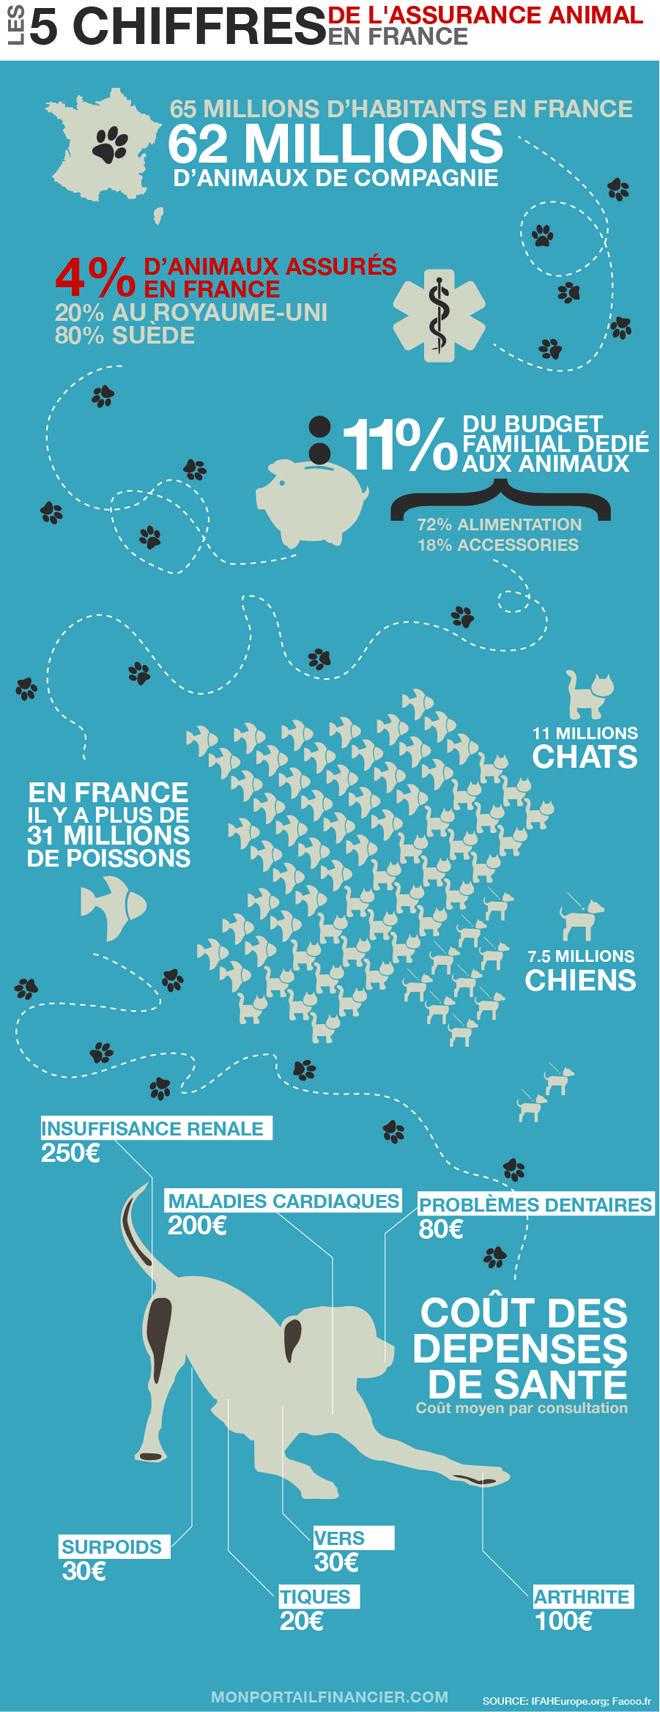 Savez-vous que la France est le premier pays d'Europe en nombre d'animaux ? Combien dépensent en moyenne les Français pour la santé de leurs animaux de compagnie ? Mon Portail Financier vous emmène faire un tour d'horizon de l'assurance animale !